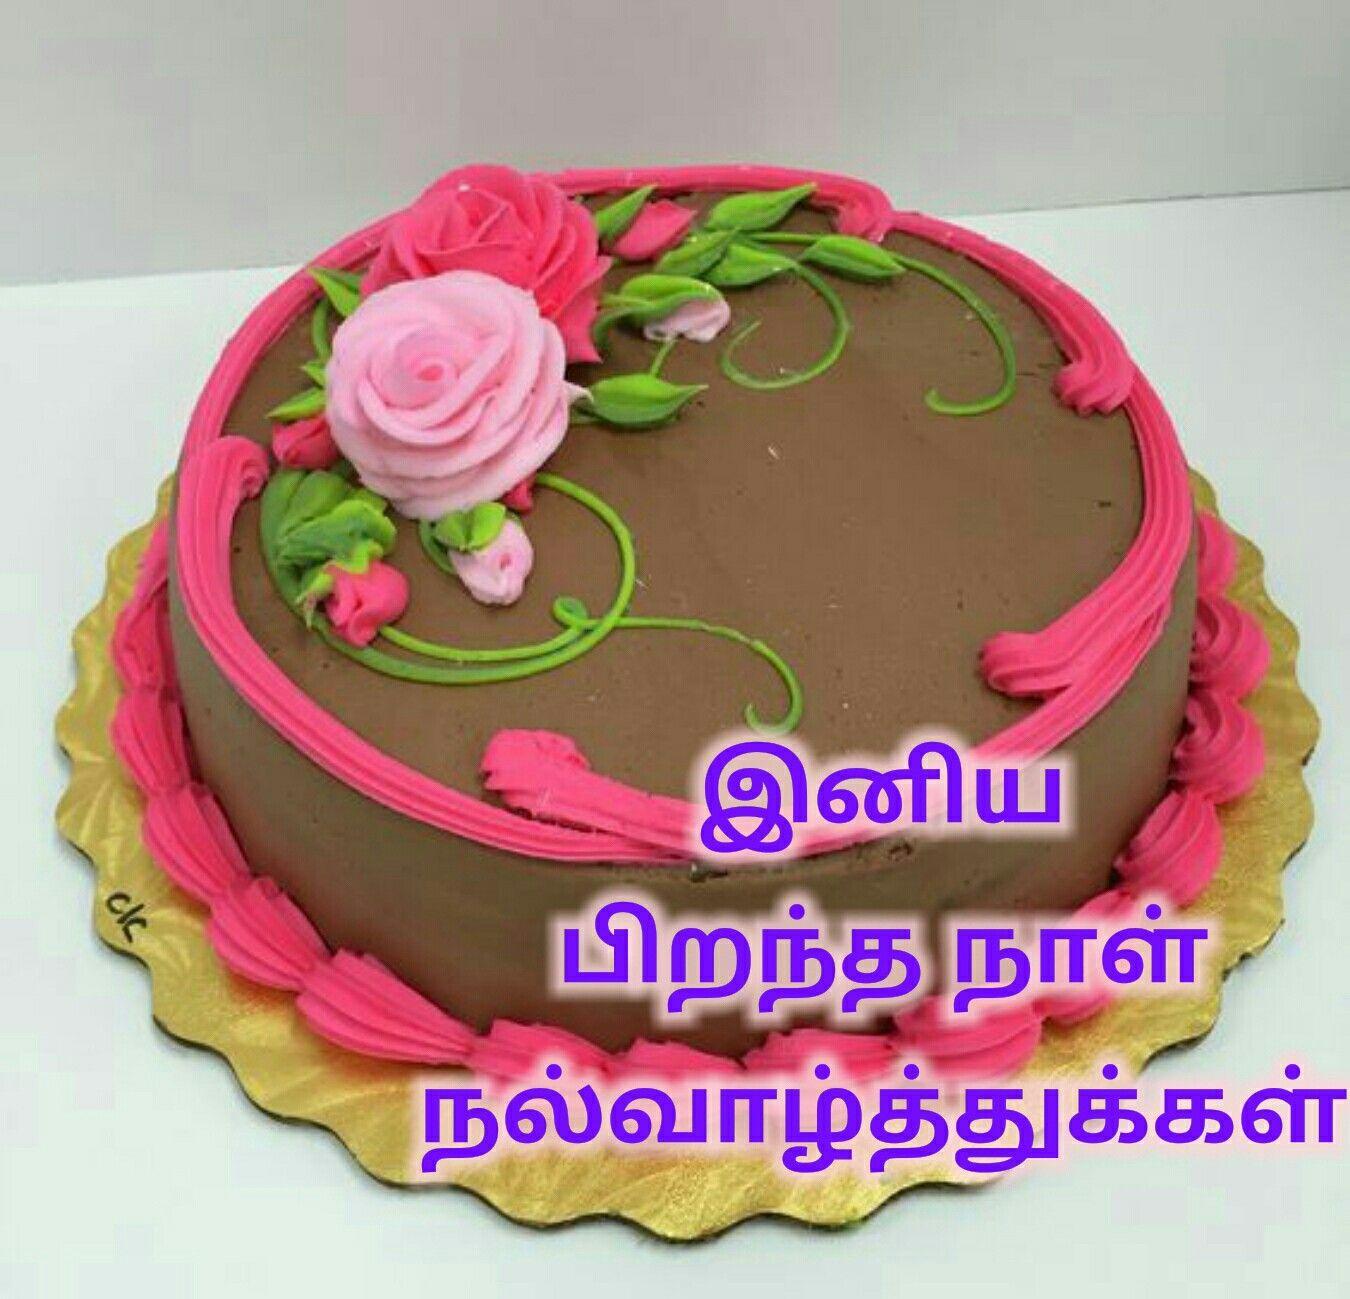 Happy Birthday Happy Birthday Cake Pictures Happy Birthday Wishes Song Happy Birthday Cake Images